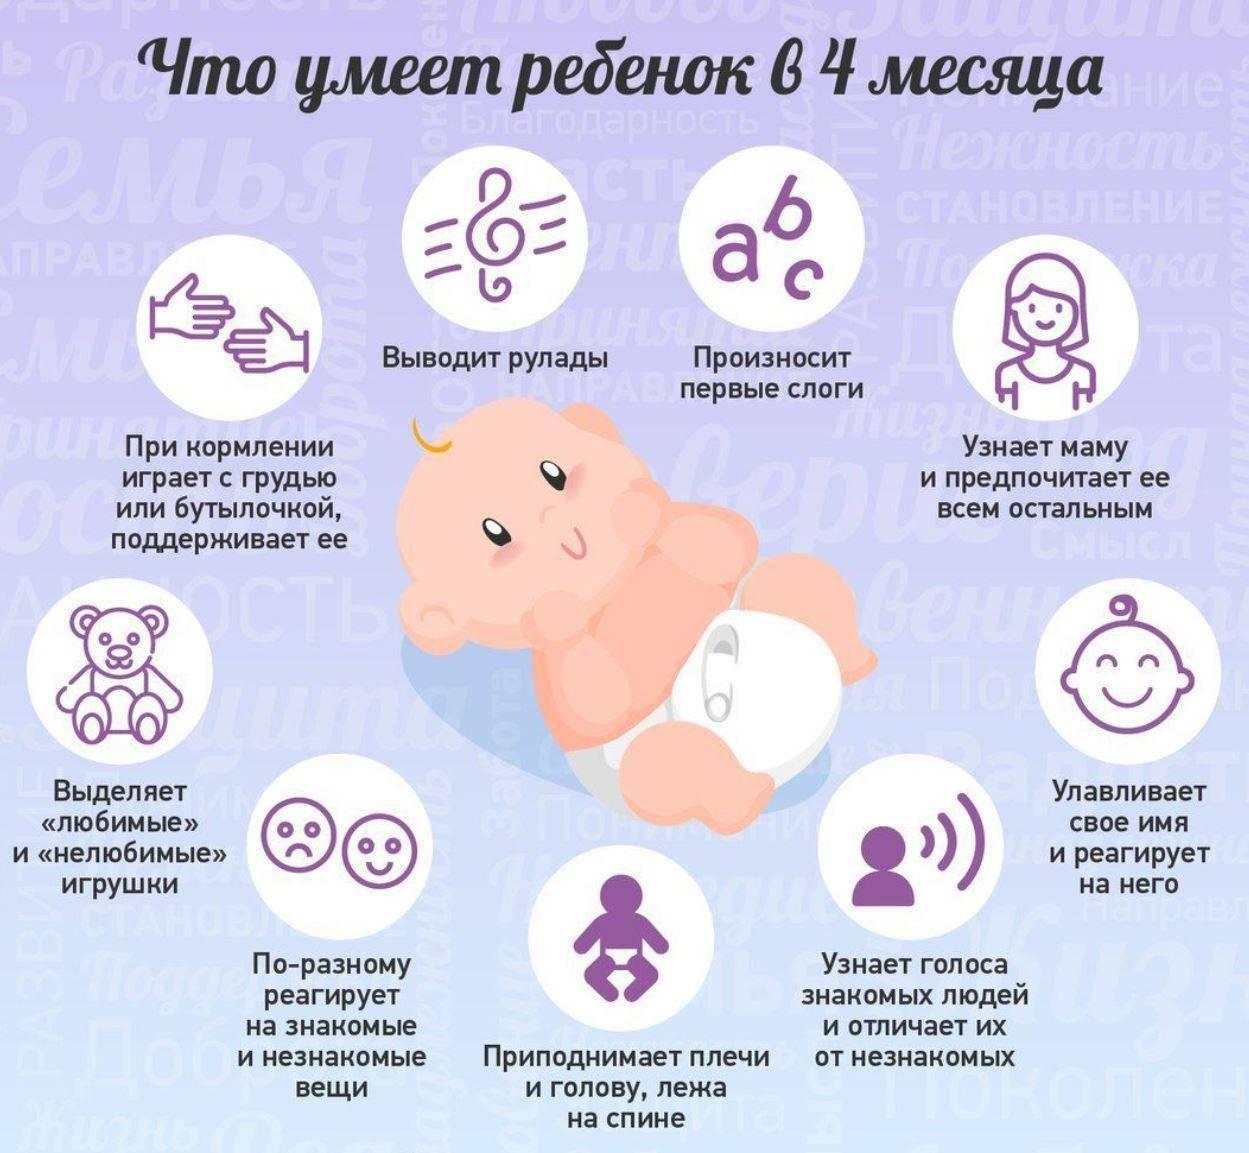 Что умеет и должен уметь ребенок в 4 месяца